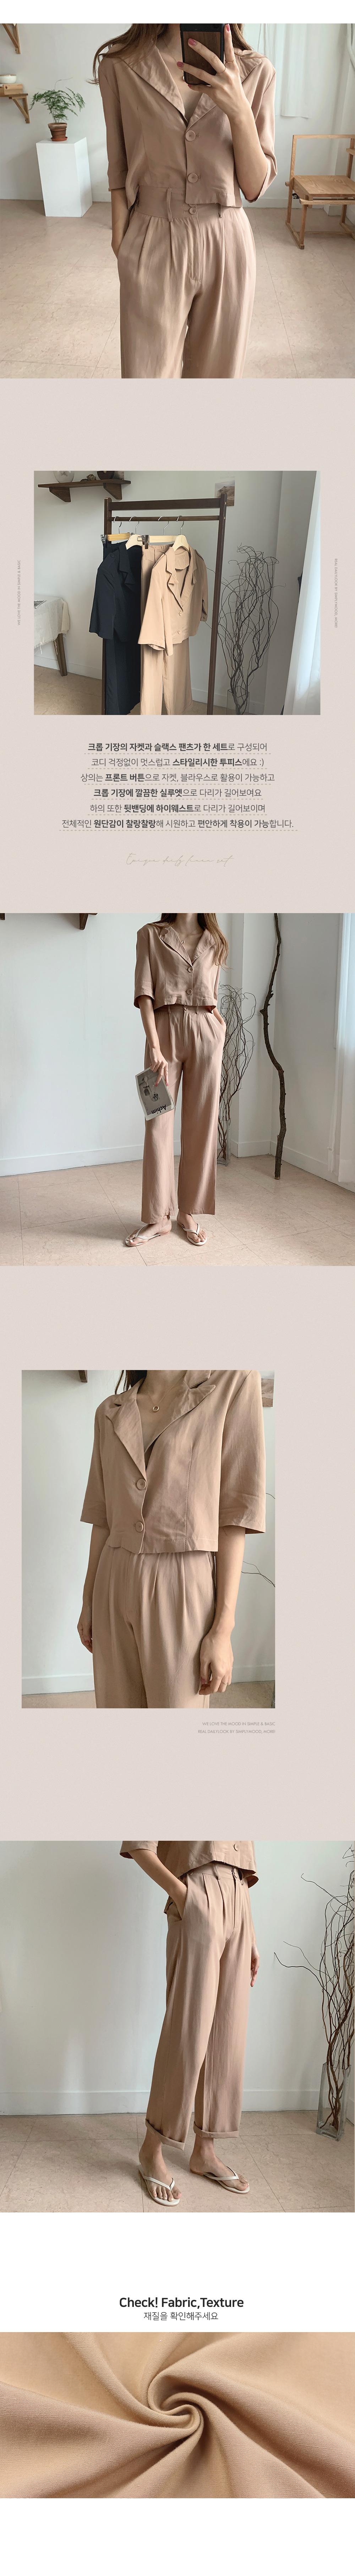 Epi Daily Linen Jacket Pants Set